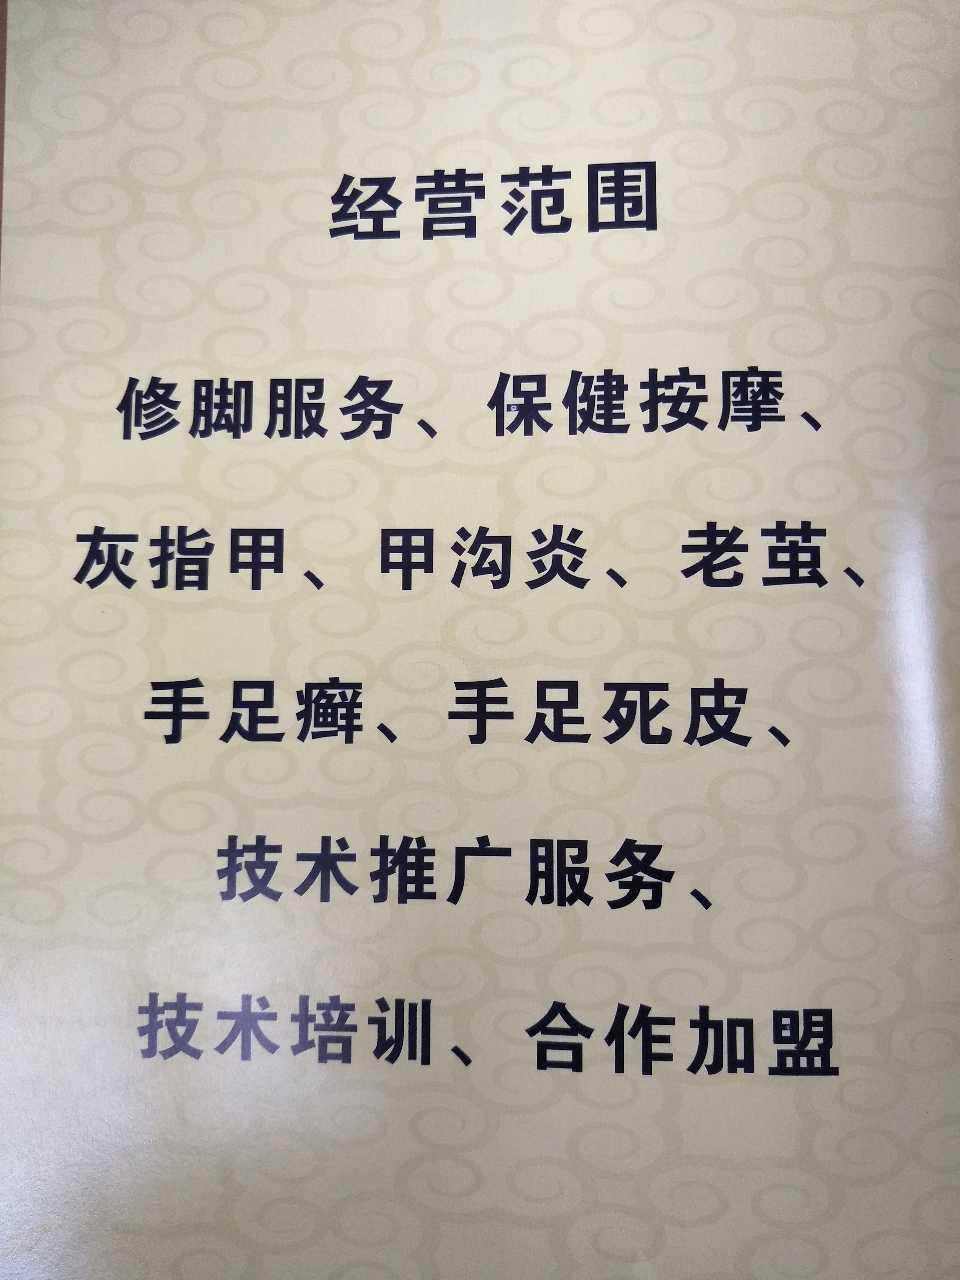 来自郭树武发布的招商投资信息: ... - 九江辉旺福保健有限公司